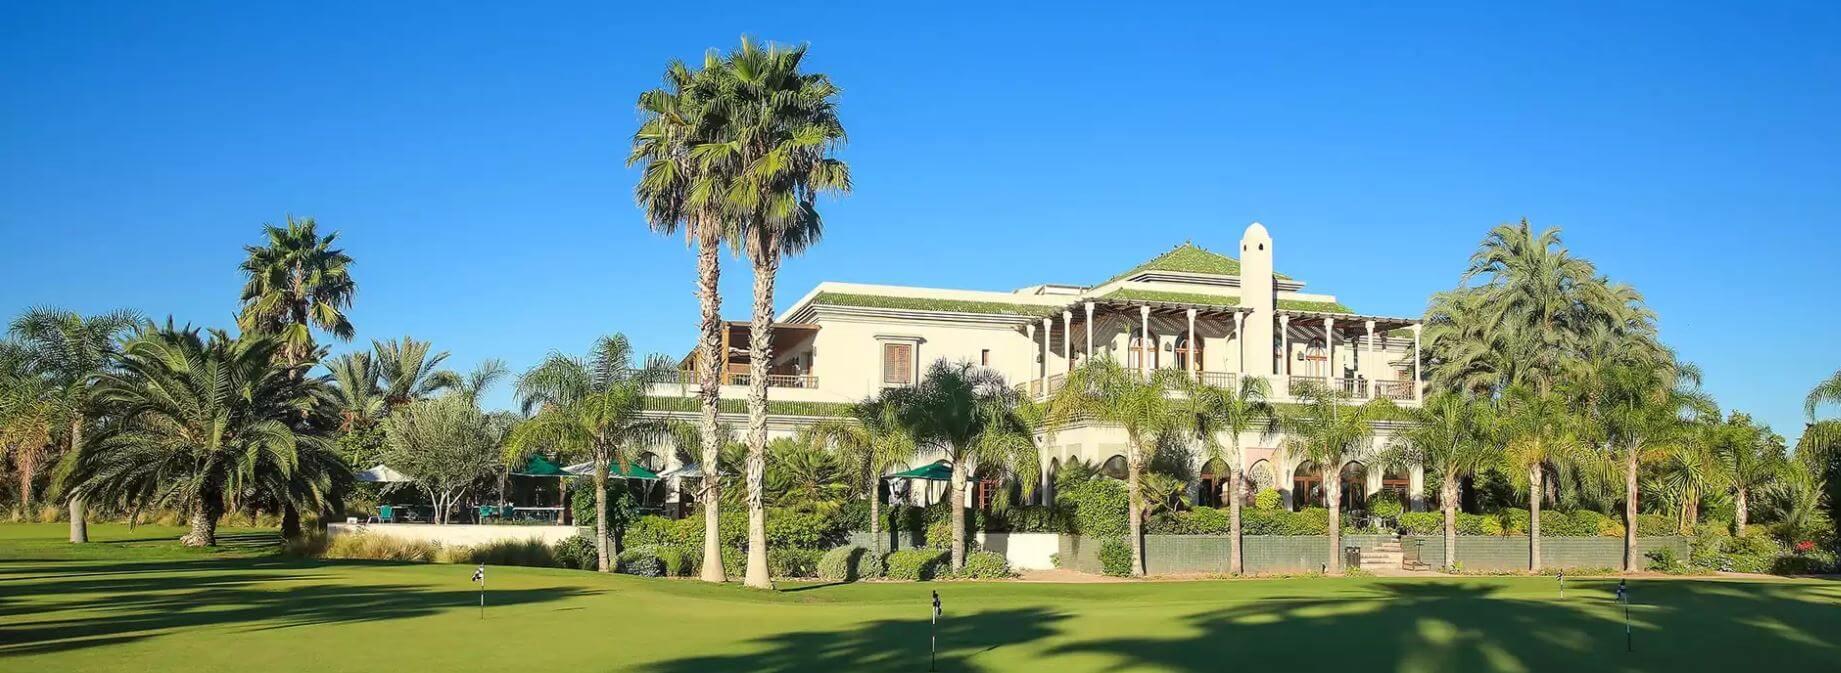 Club house du golf de la Palmeraie